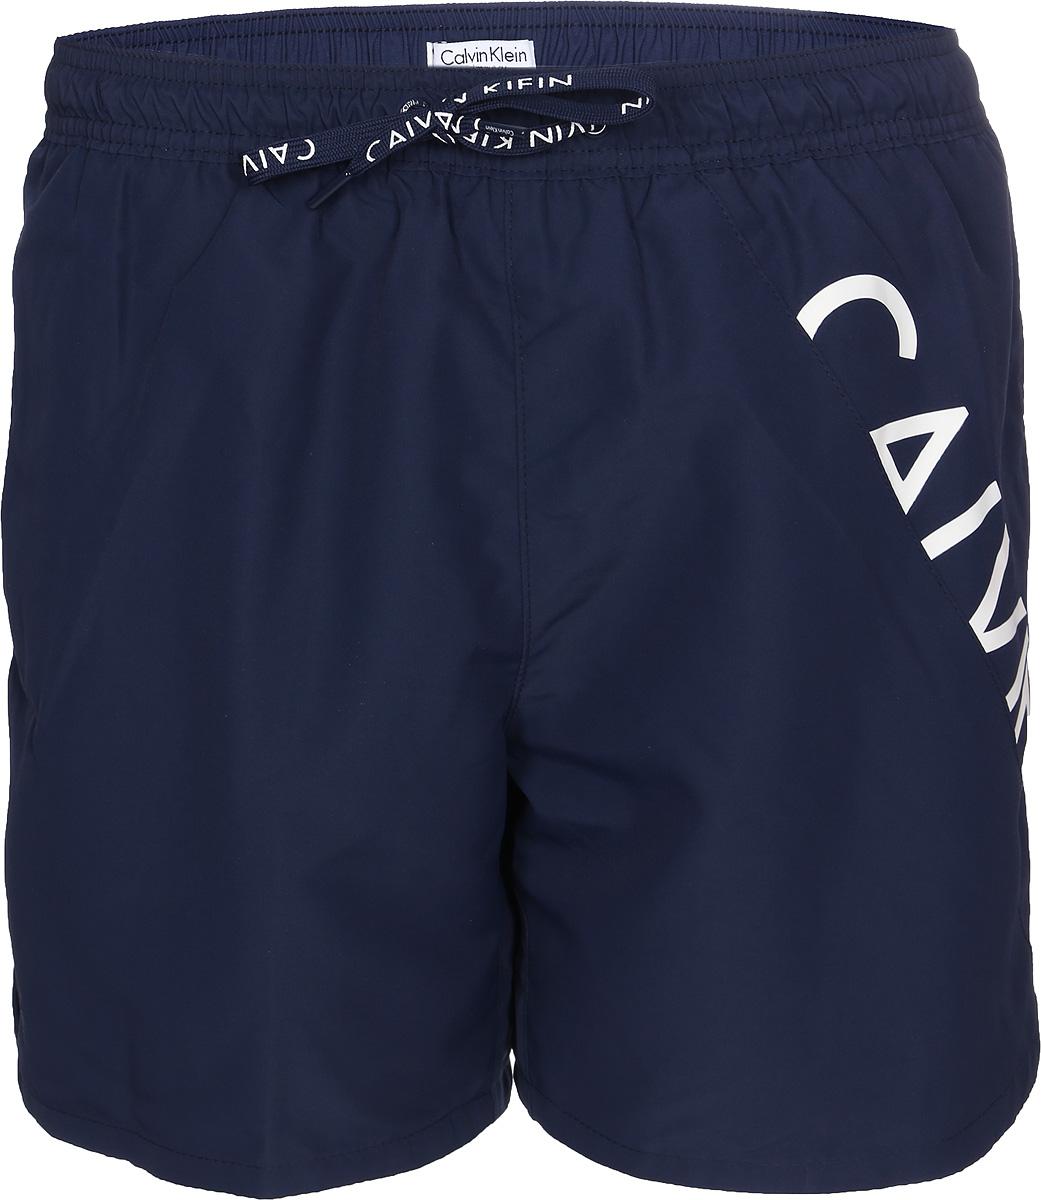 Шорты для плавания мужские Calvin Klein Underwear, цвет: темно-синий. KM0KM00168_470. Размер S (48)KM0KM00168_470Шорты для плавания от Calvin Klein выполнены из 100% полиэстера. Материал быстро сохнет. Модель с эластичной резинкой на талии и регулируемым шнурком.